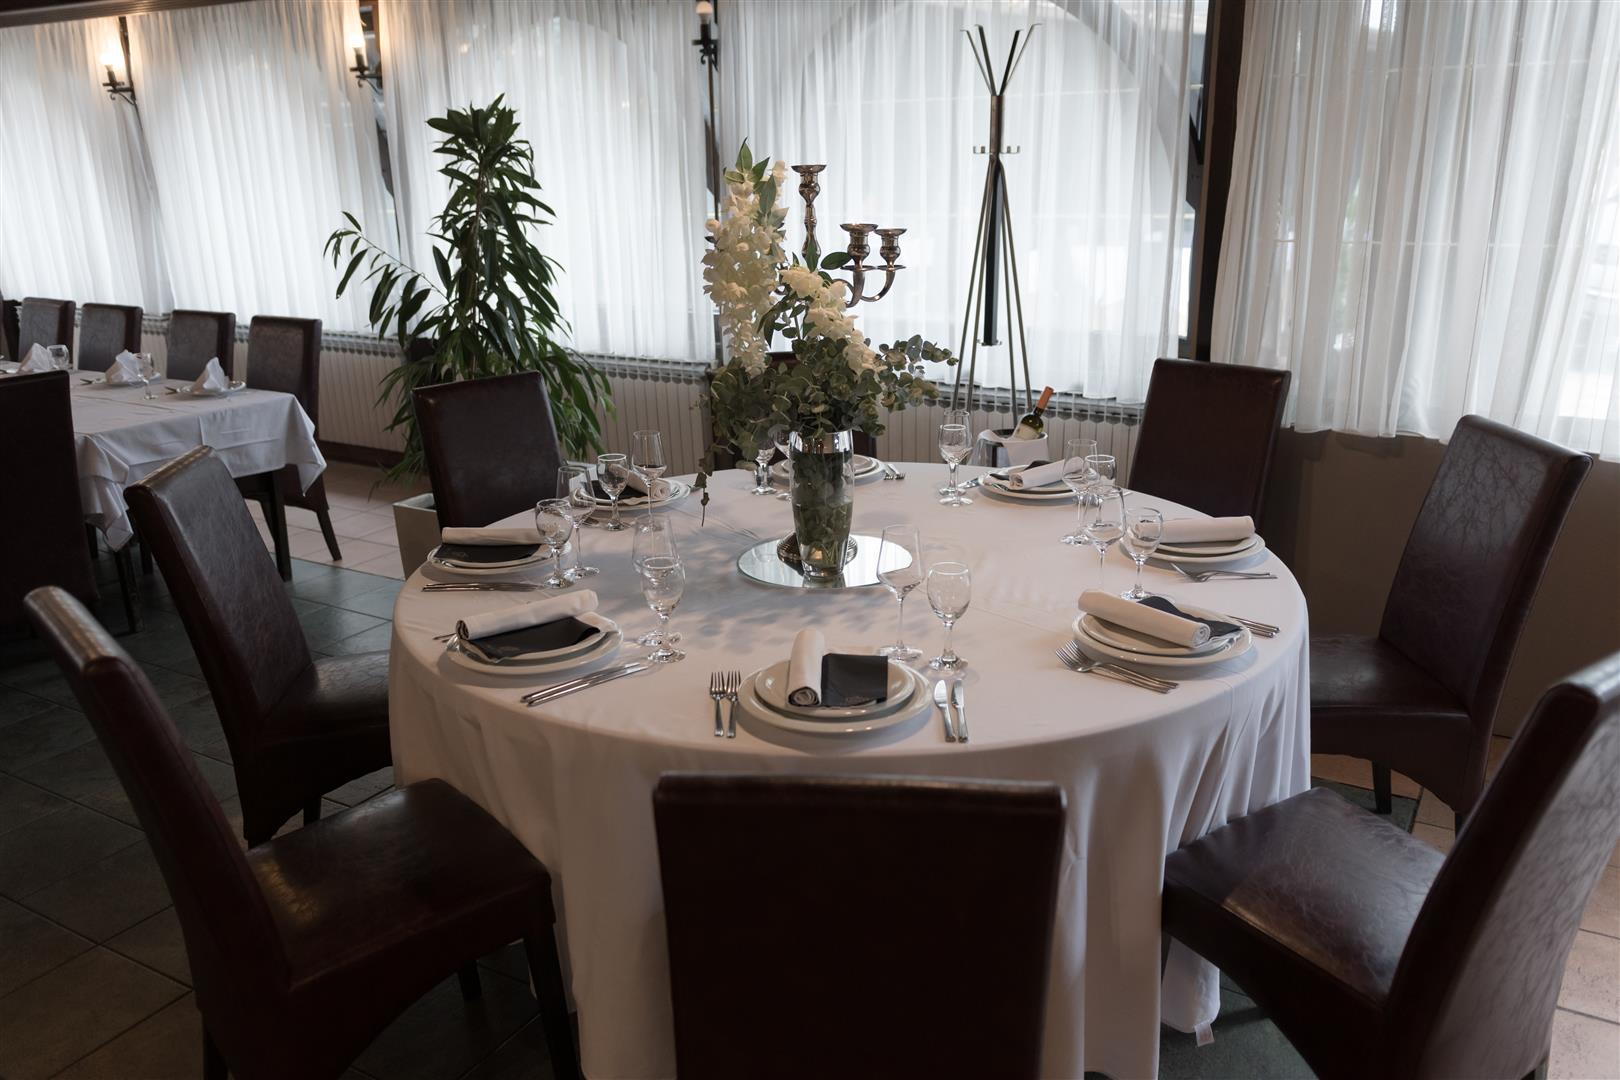 Mali raj - Restoran 23